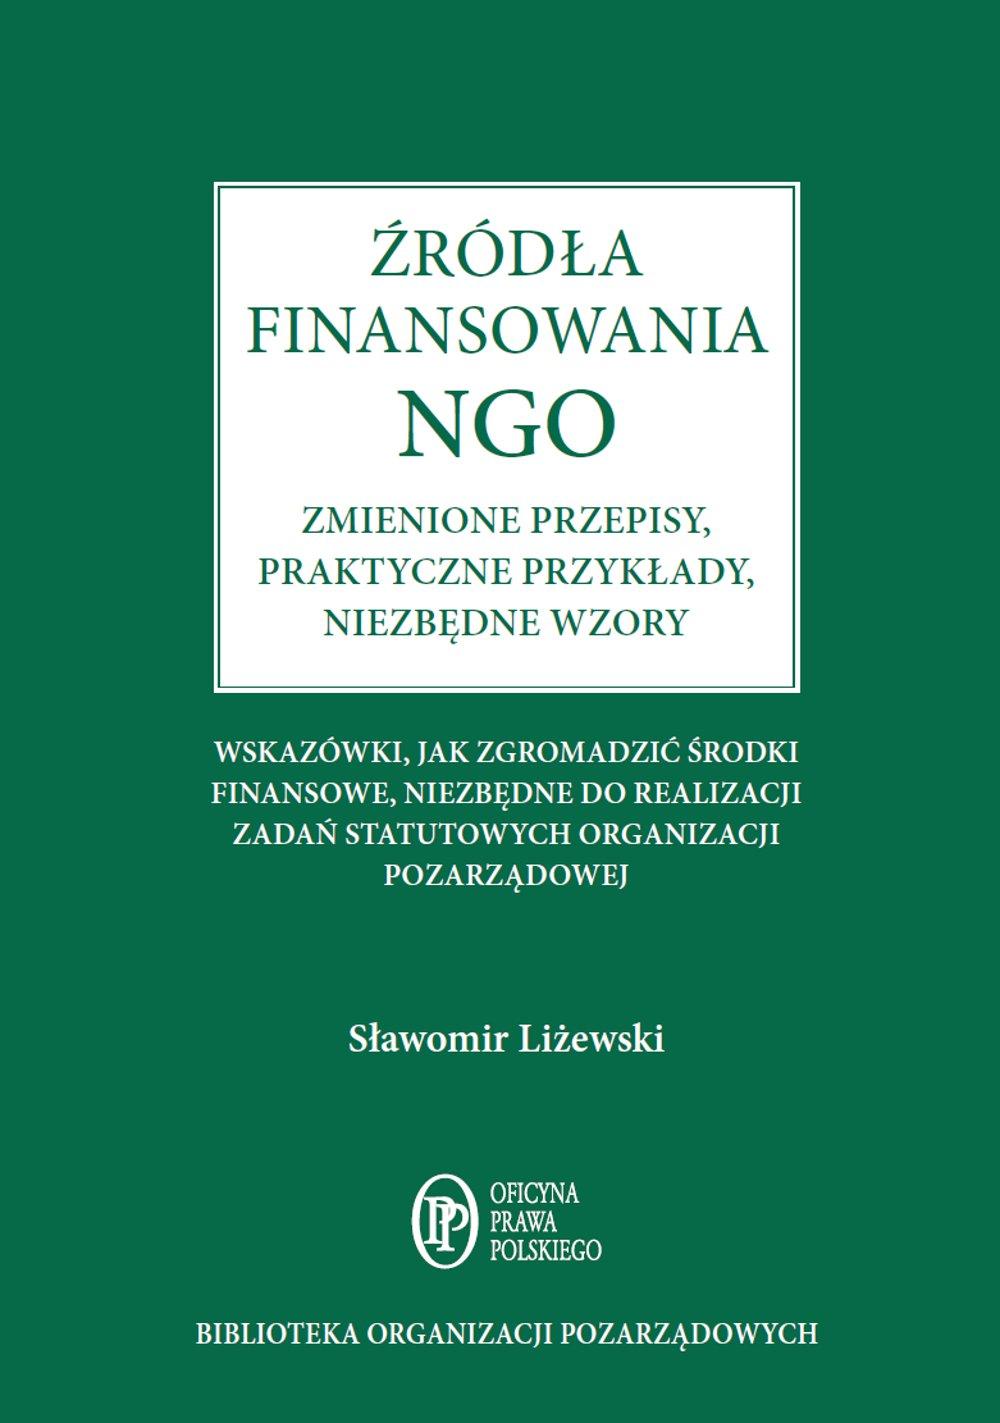 Źródła finansowania NGO - Ebook (Książka EPUB) do pobrania w formacie EPUB